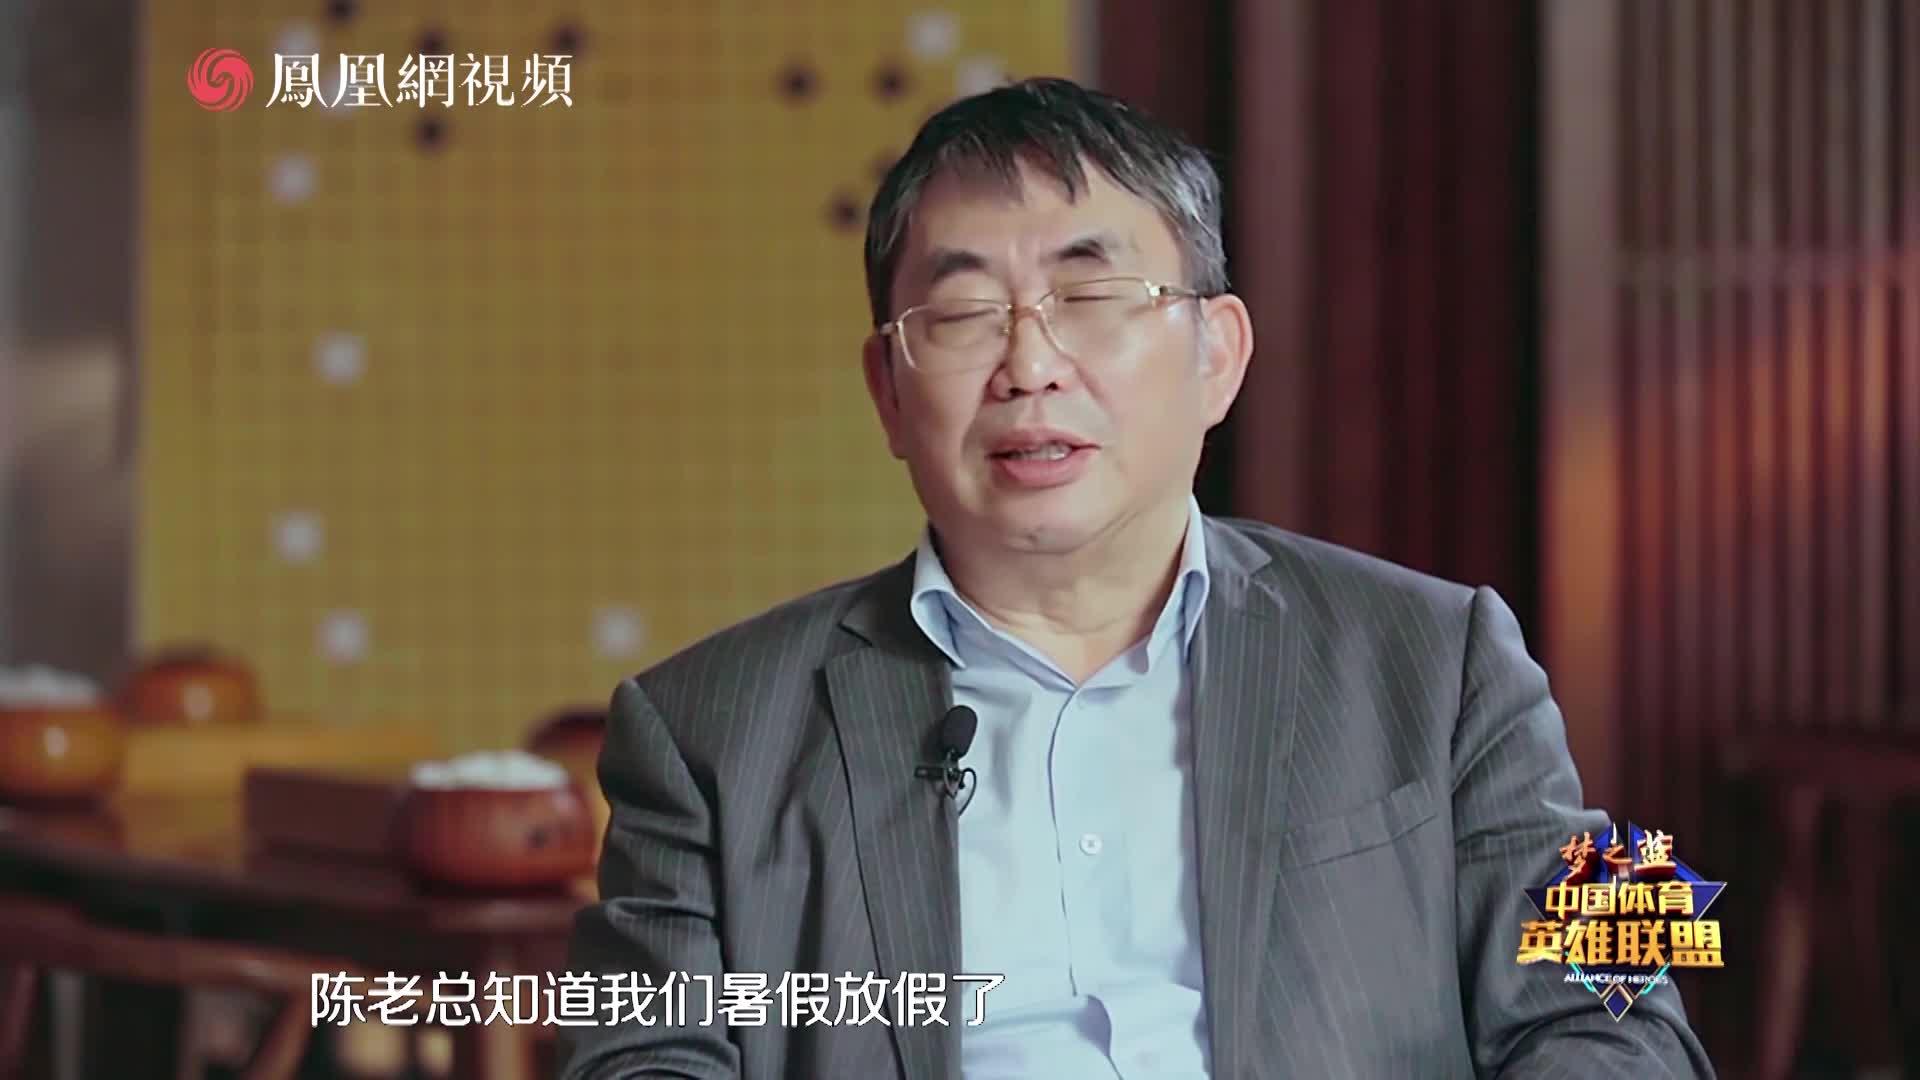 聂卫平谈与陈毅的忘年交:陈老总觉得我是一个不可多得的天才